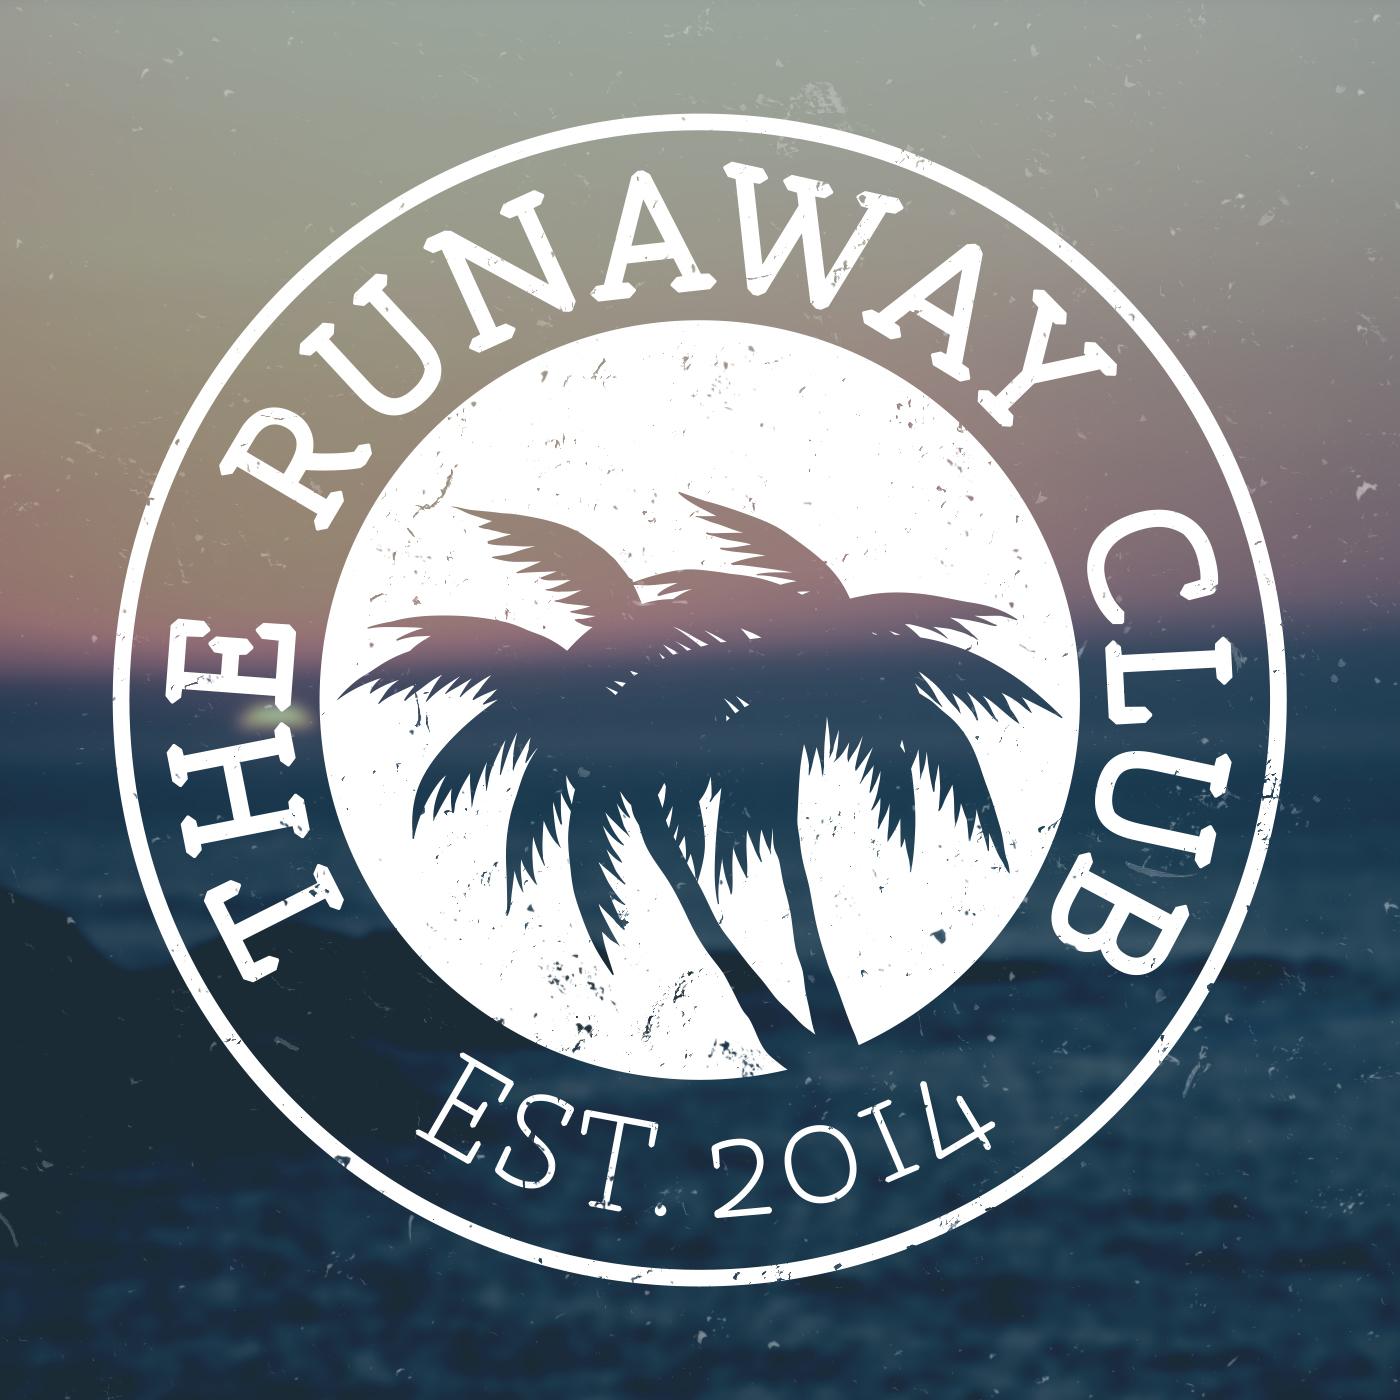 The Runaway Club (logo)